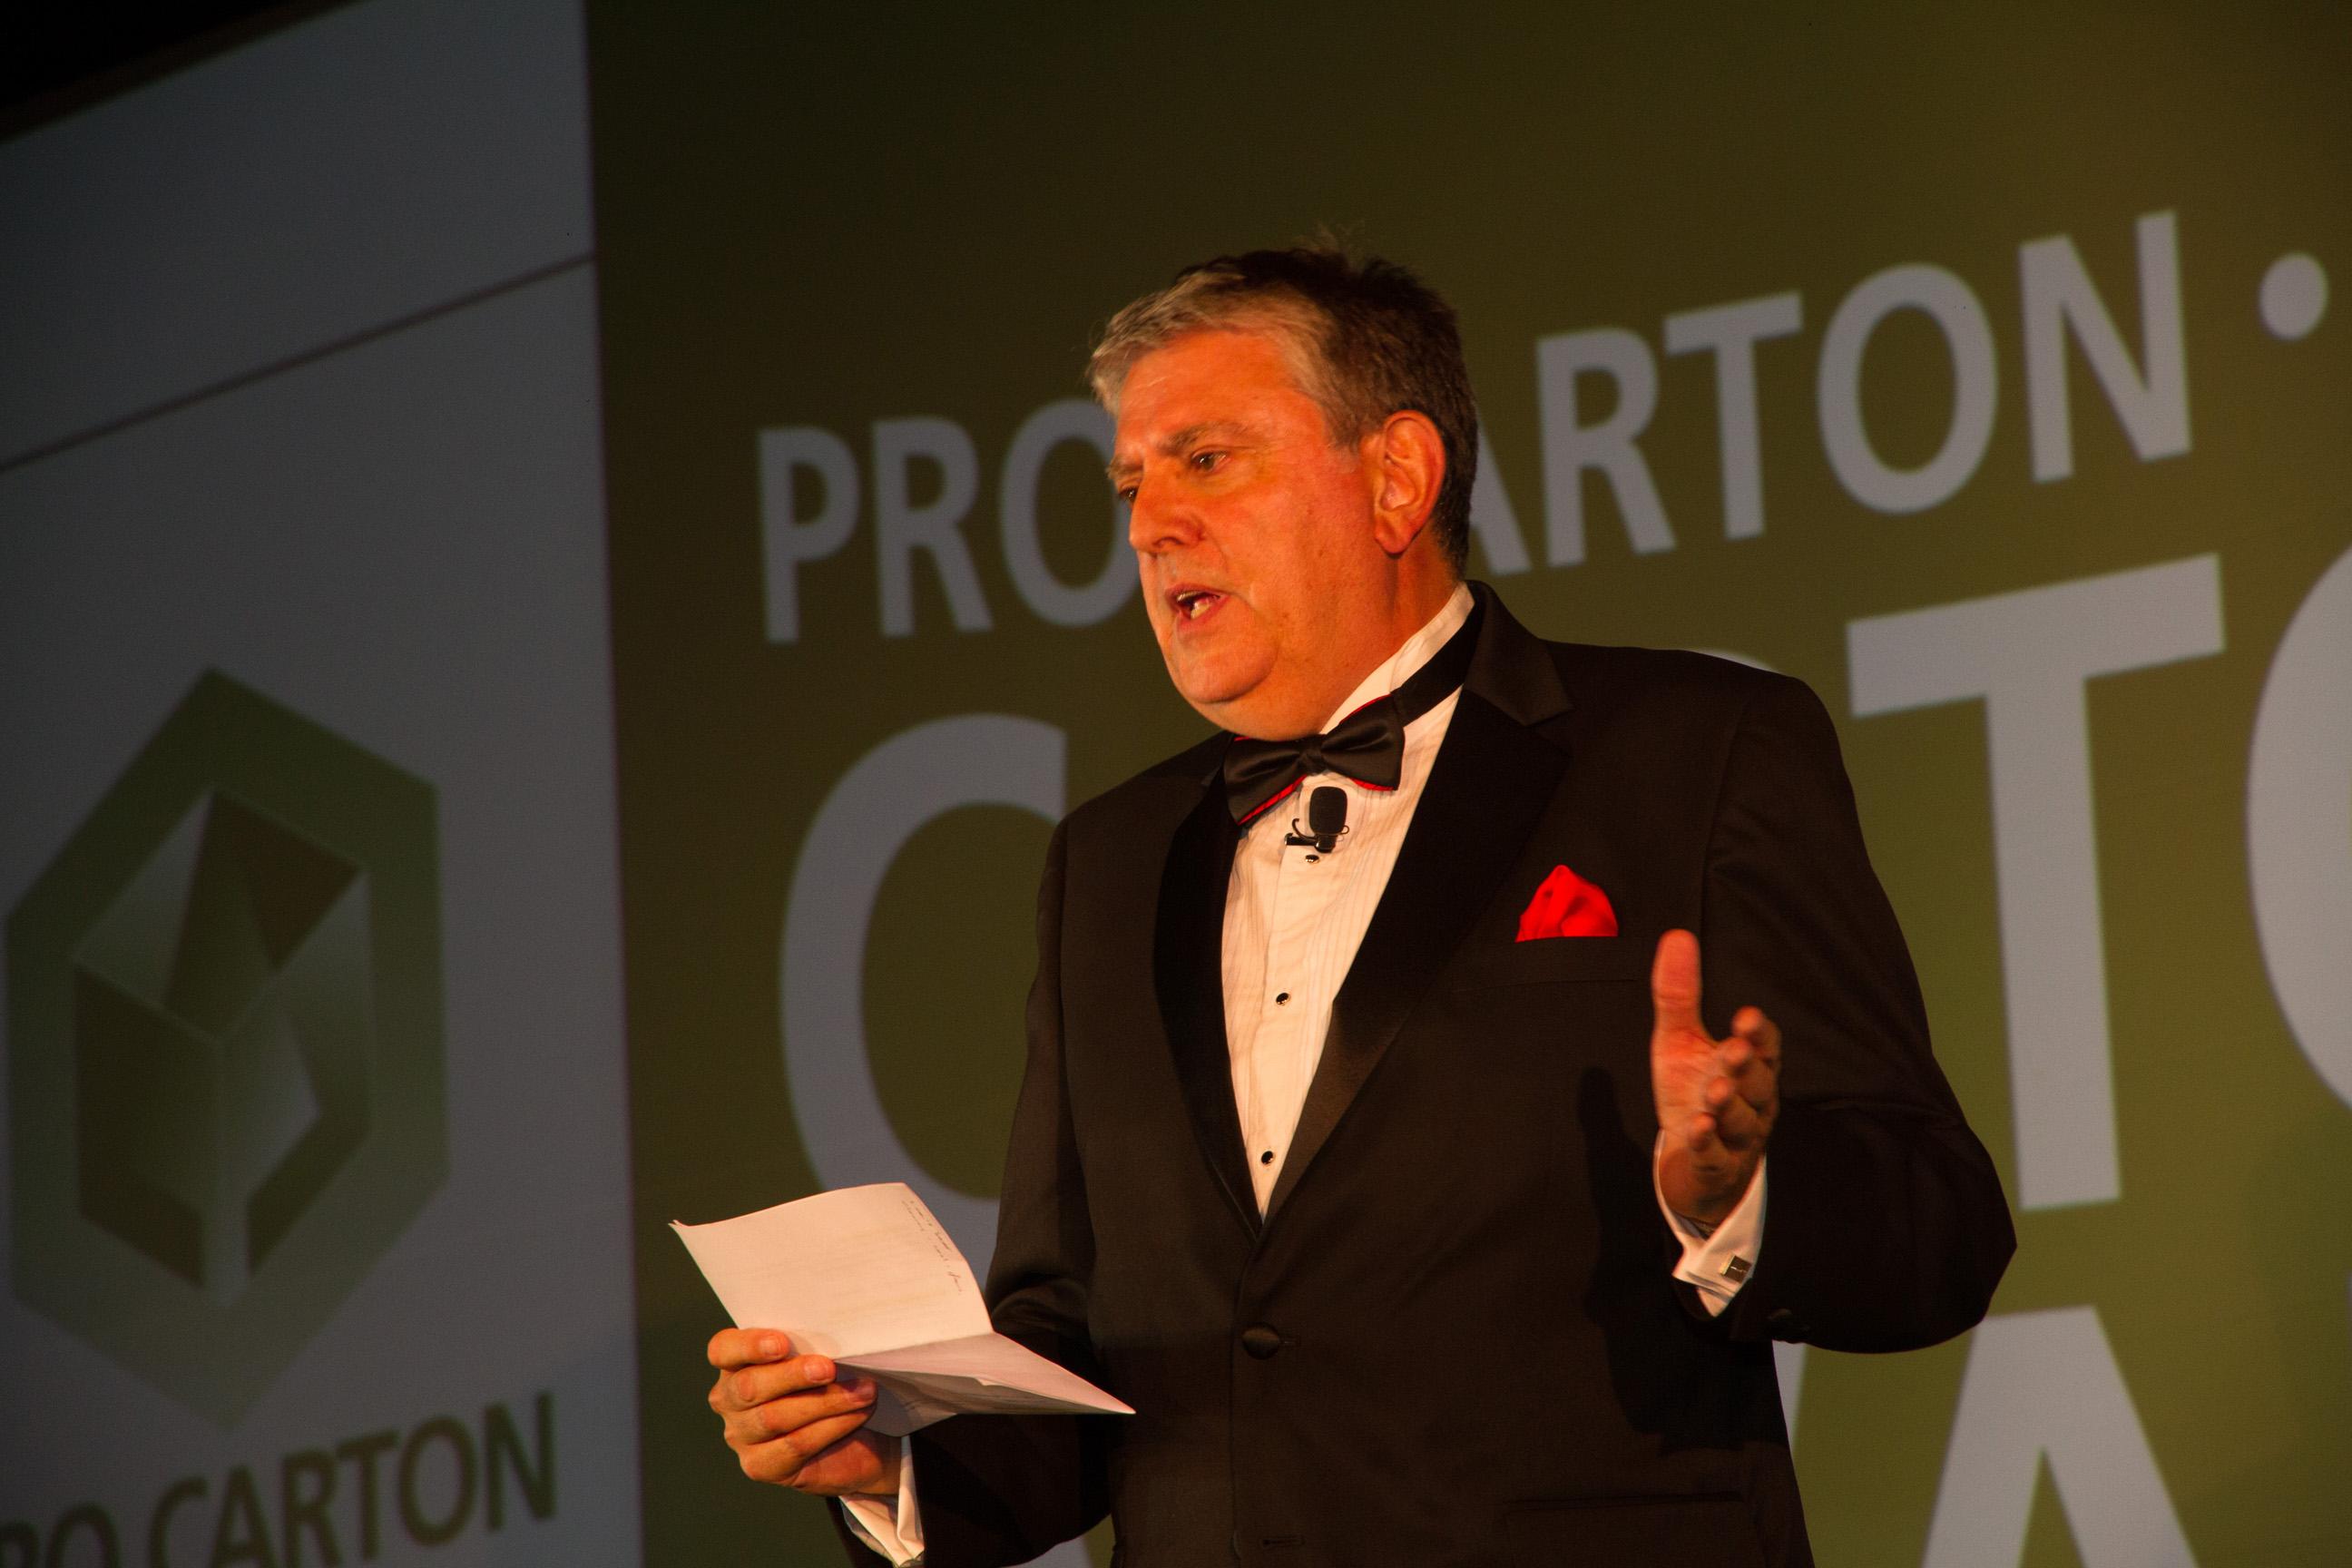 Pro Carton ECMA Award Gala 2016 830